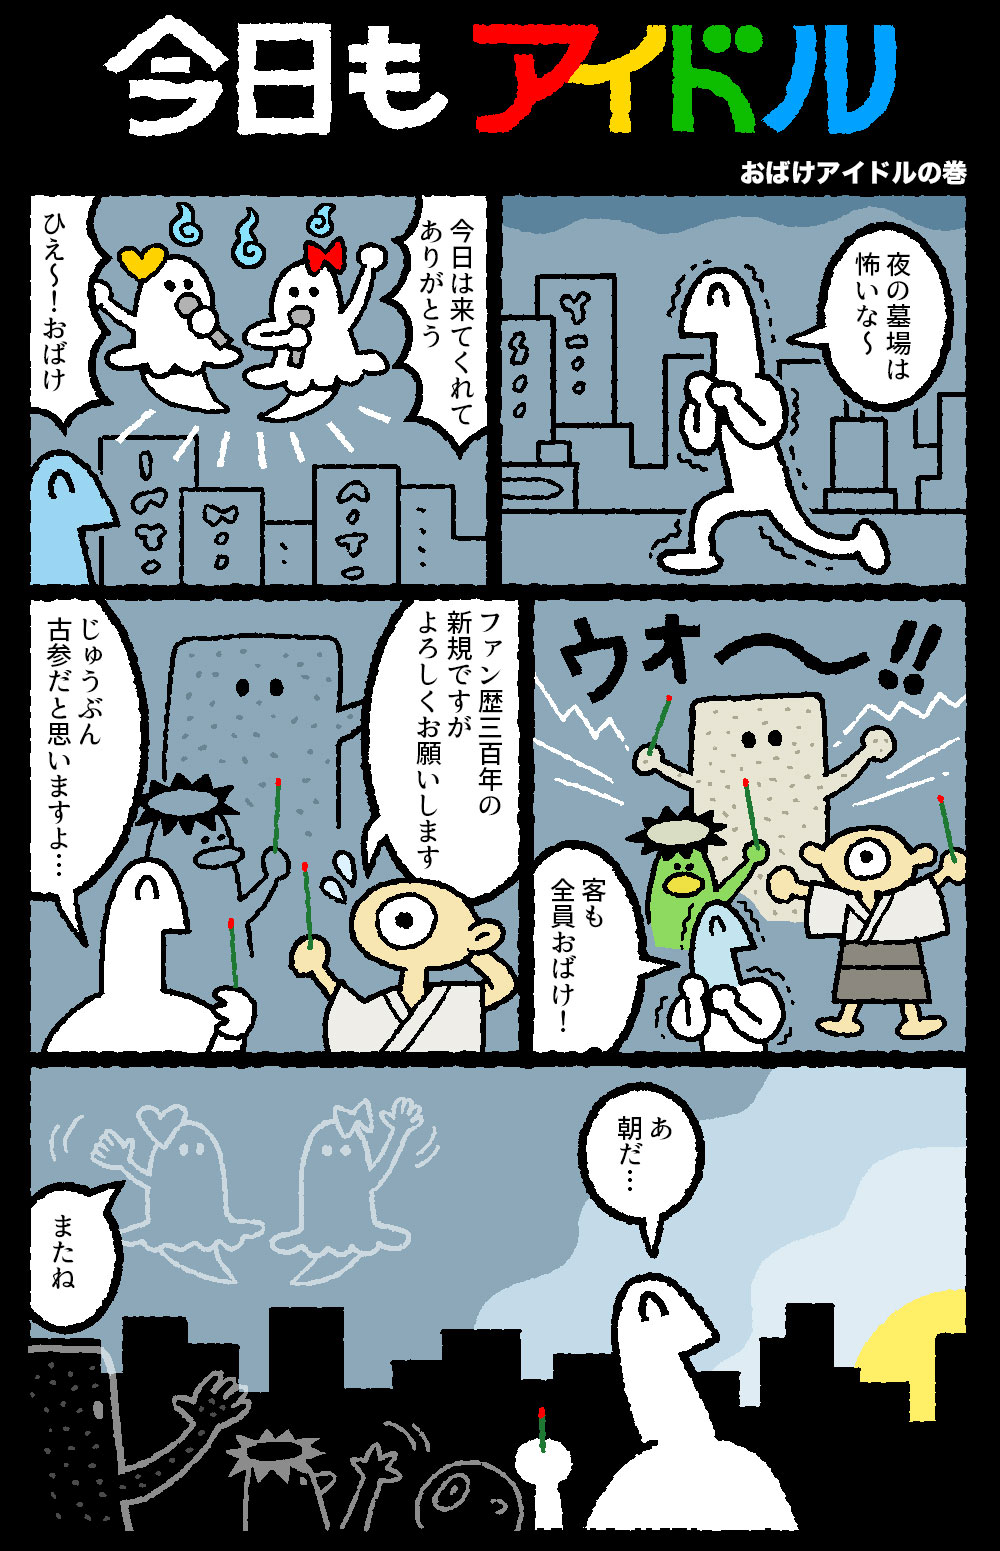 shirimoto-006